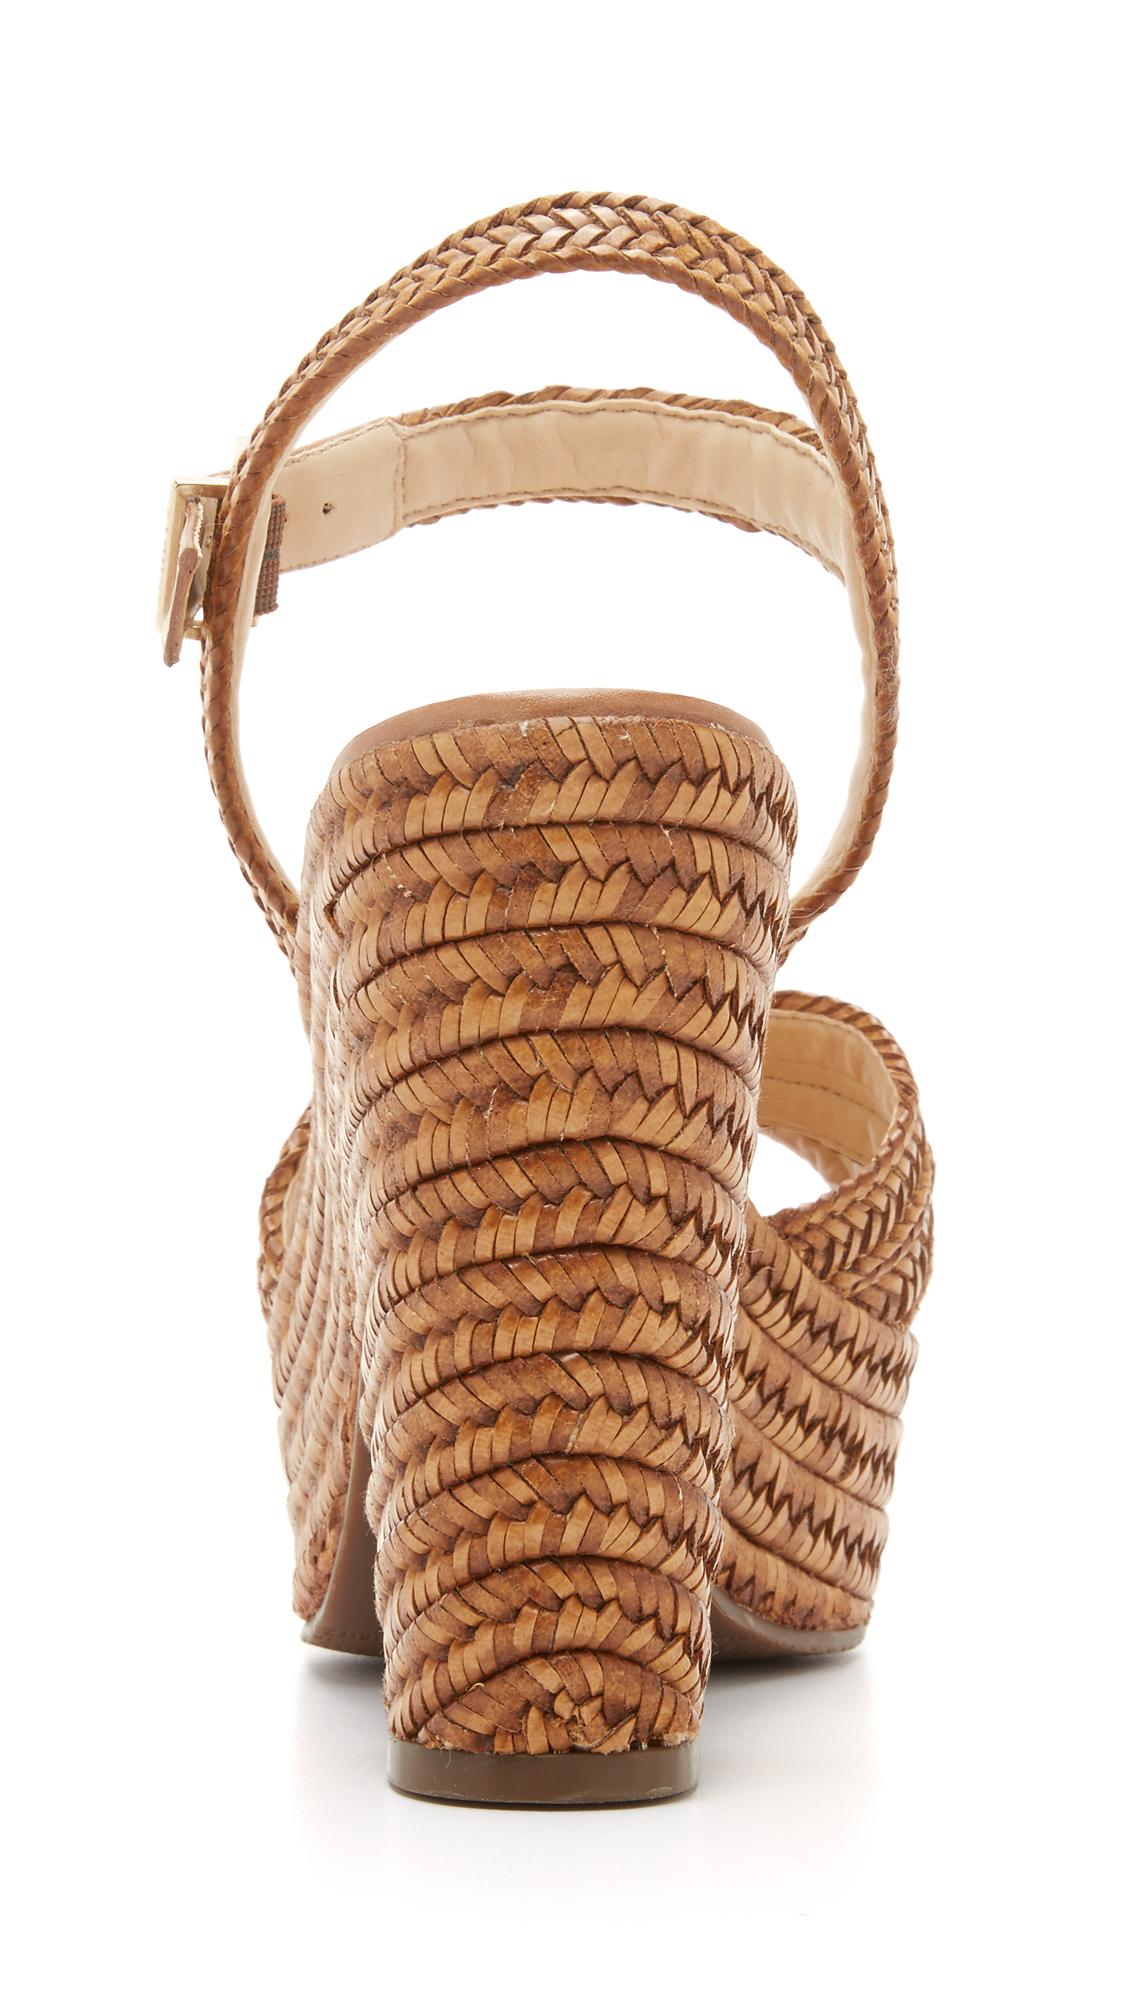 Schutz-Sz-9-Aileen-Shoe-Bamboo-Platform-Sandal-Woven-Whiskey-Designer-High-Heel_12260D.jpg